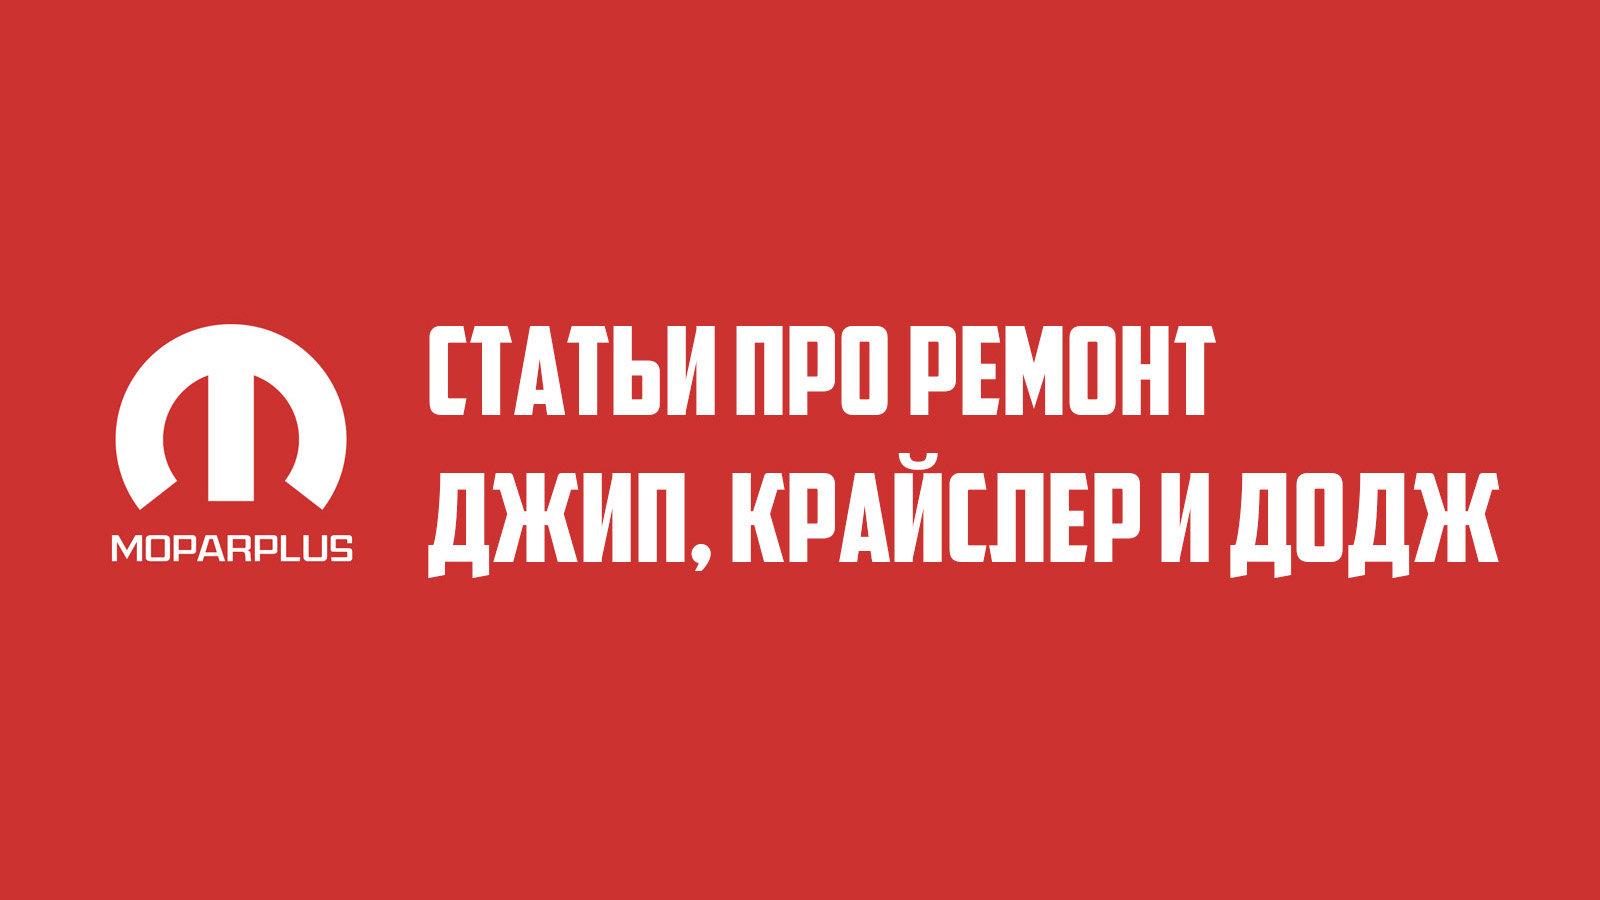 Статьи про ремонт. Выпуск №9.